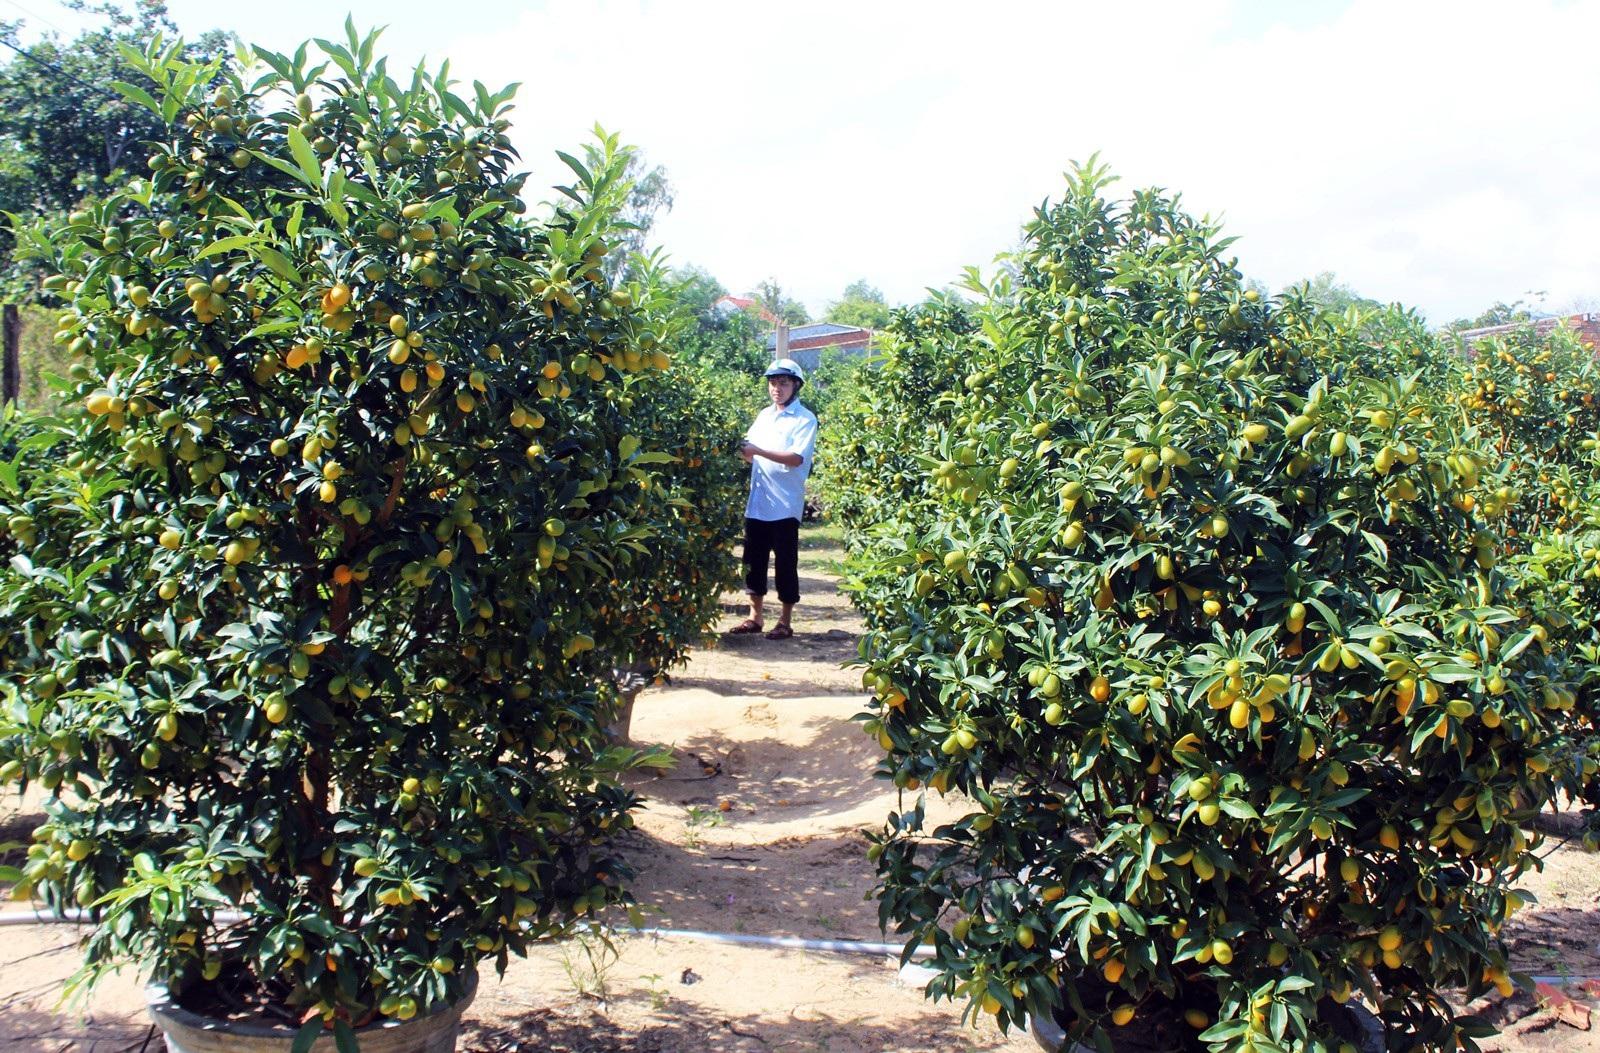 Giáp Tết: Về Phú Yên ngắm vườn quất vàng óng thu tiền triệu - Ảnh 3.